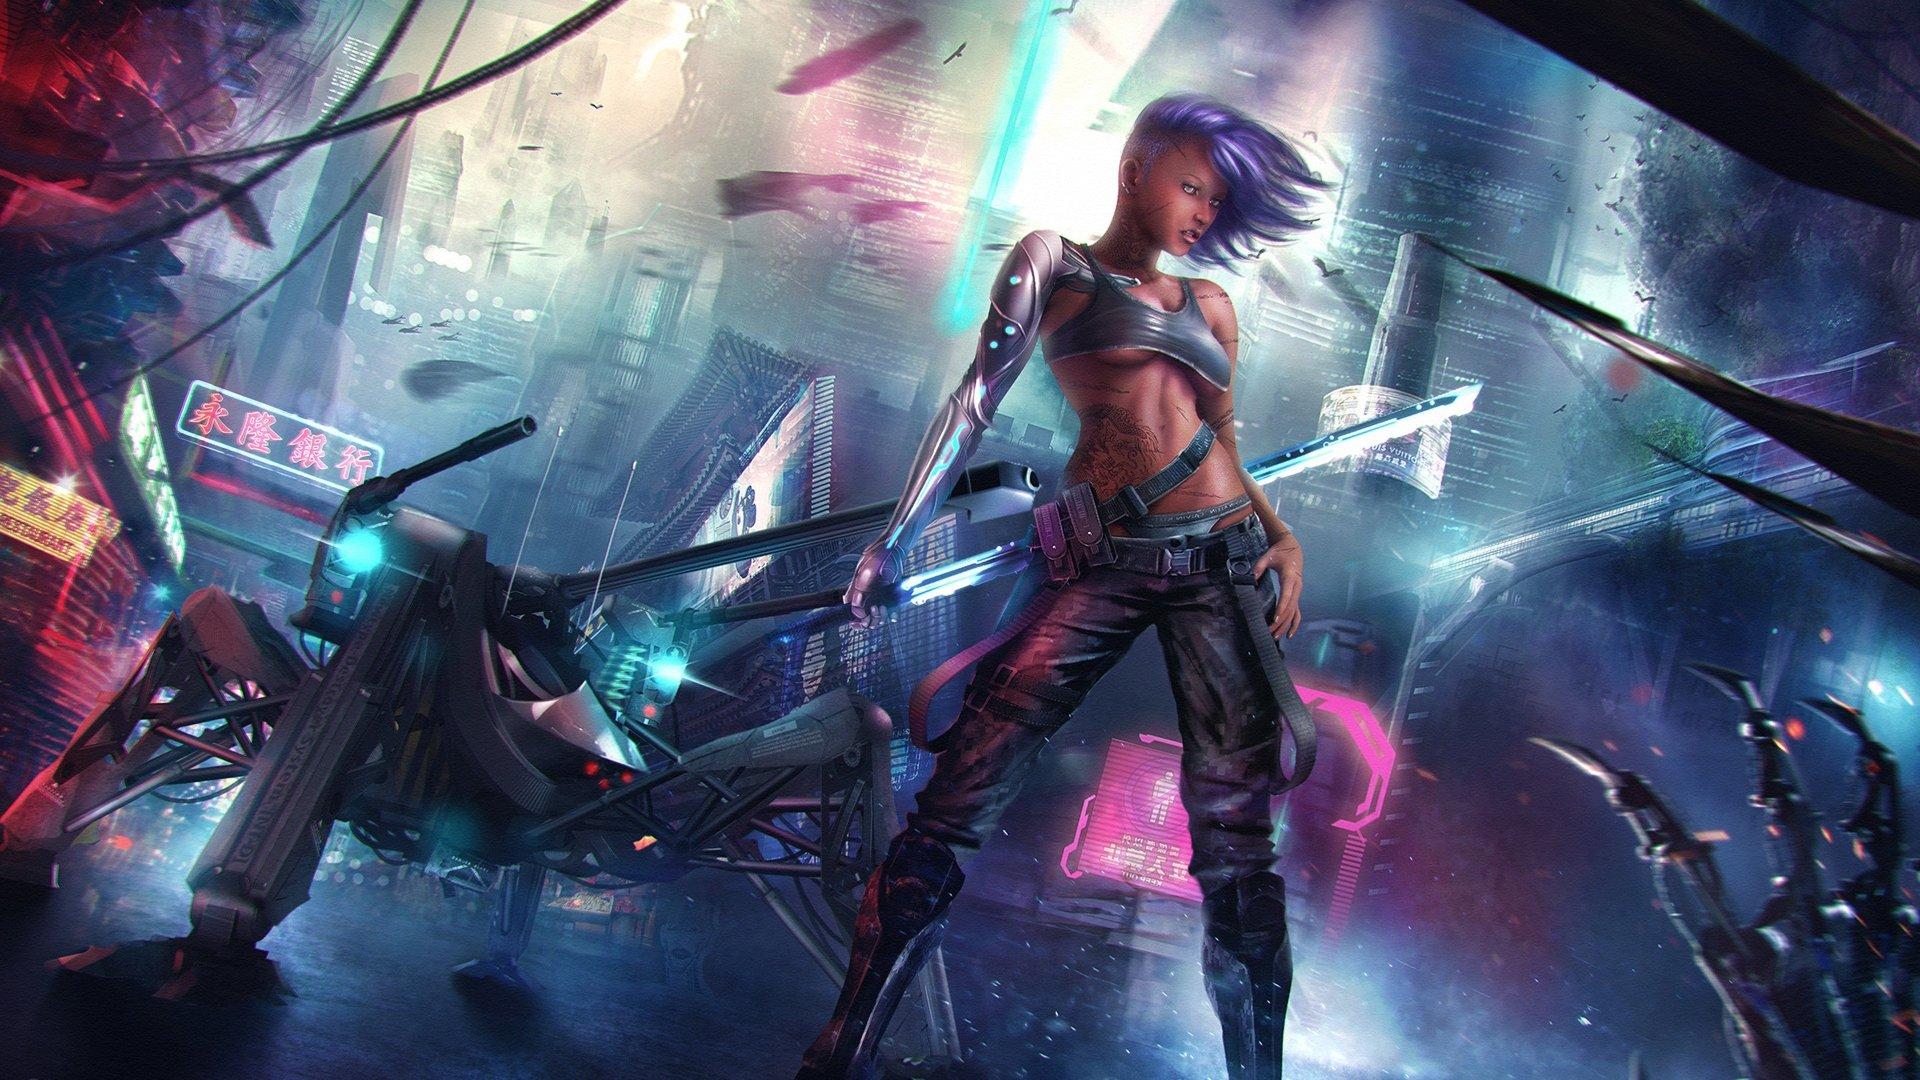 Women Warrior Artwork Sword Rain Cyberpunk Cyberpunk: CYBERPUNK - Warrior Girl Sword Wallpaper